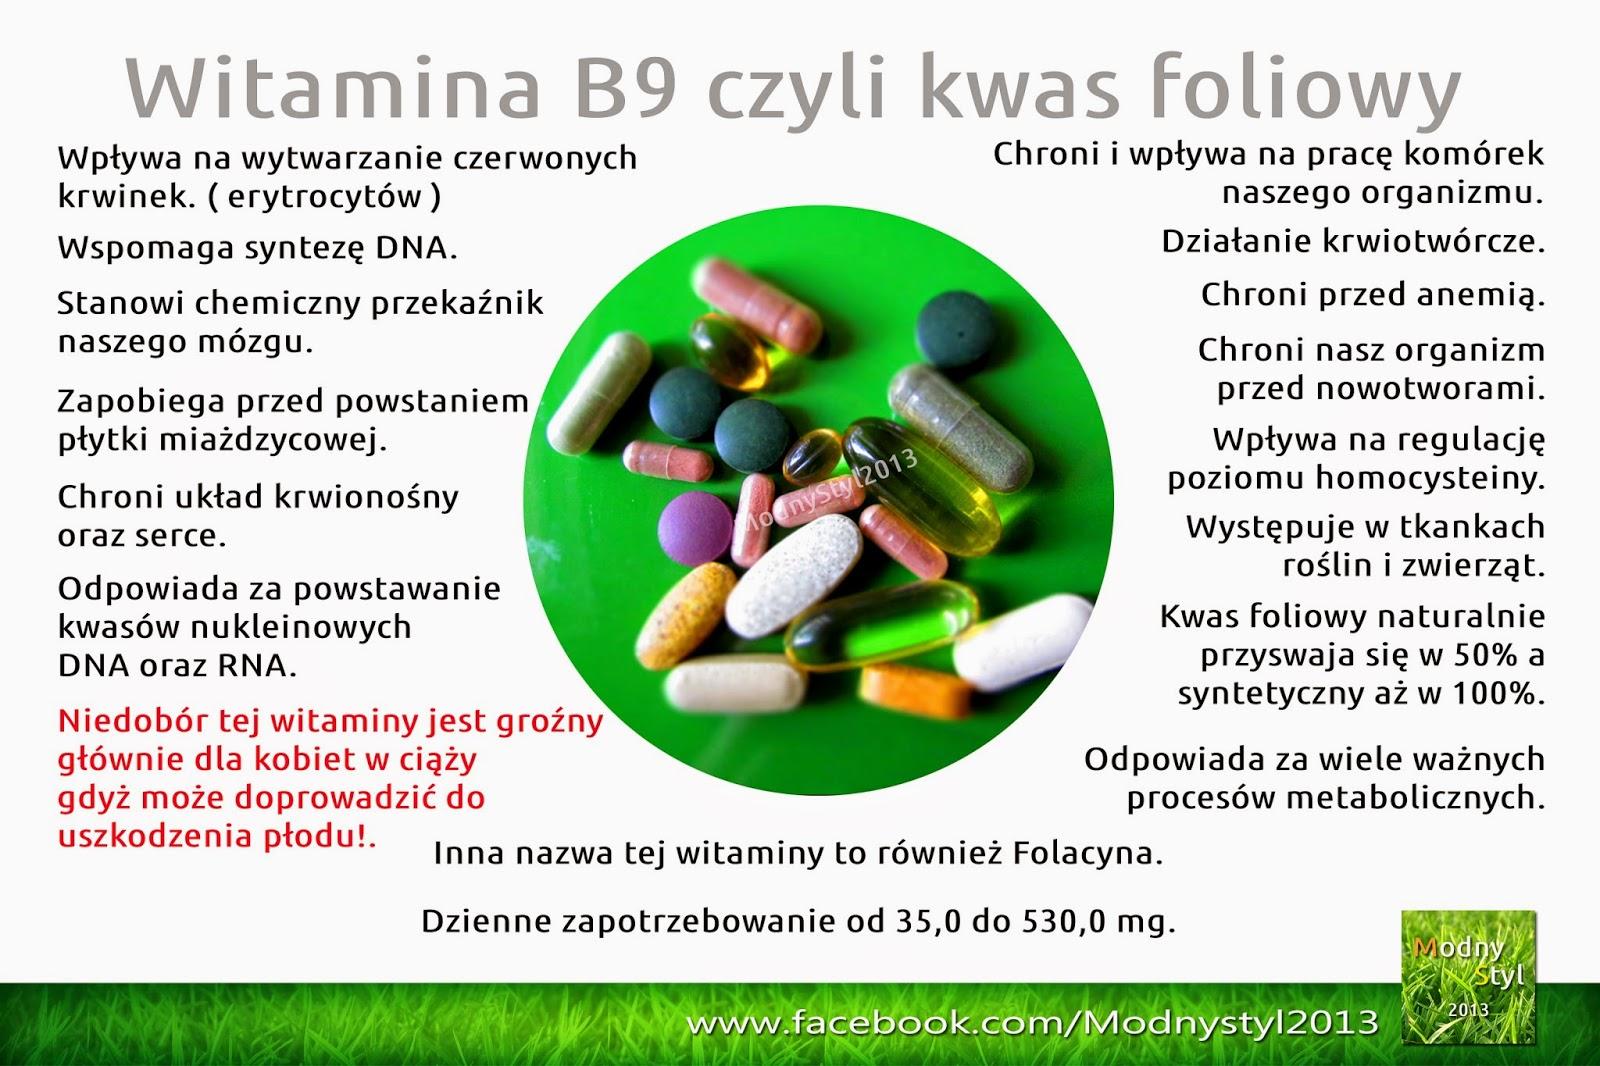 Kwas foliowy czyli witamina B9